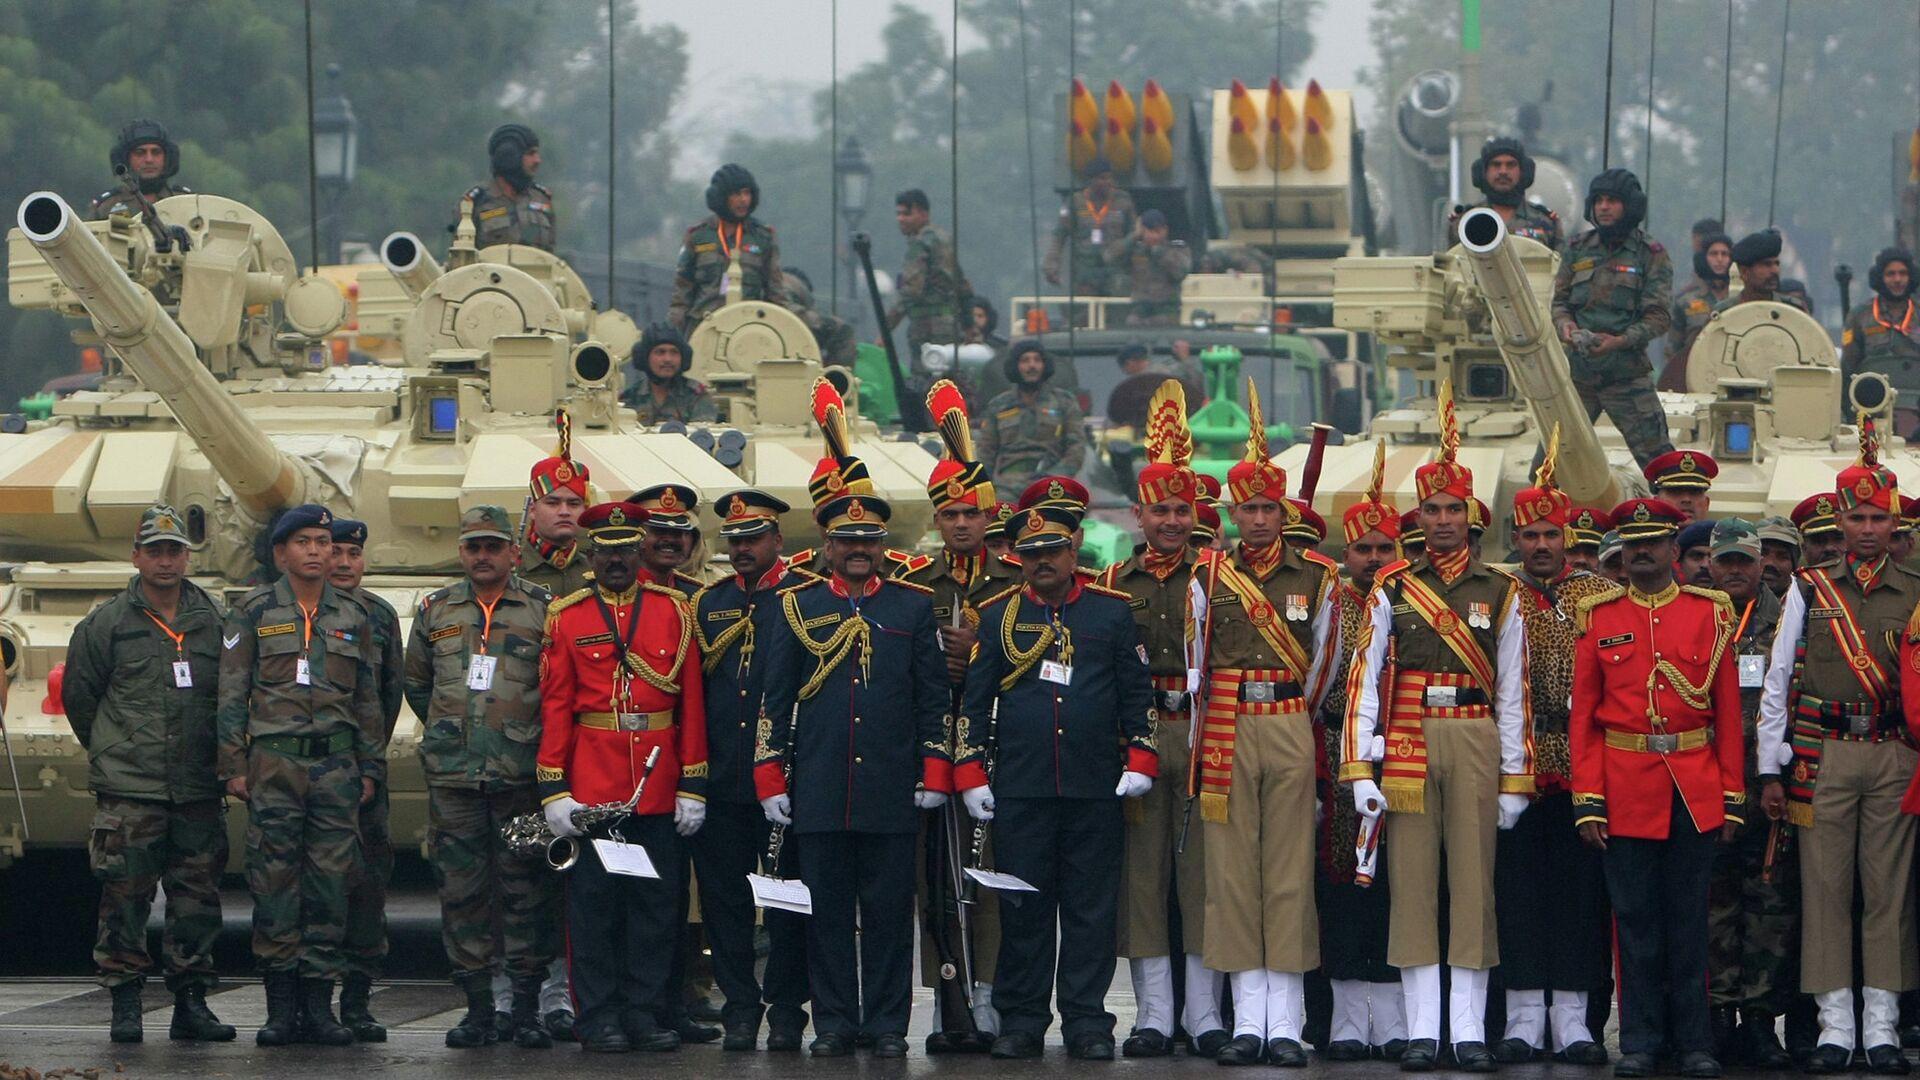 Парад в честь празднования Дня Республики в Индии - РИА Новости, 1920, 25.09.2021